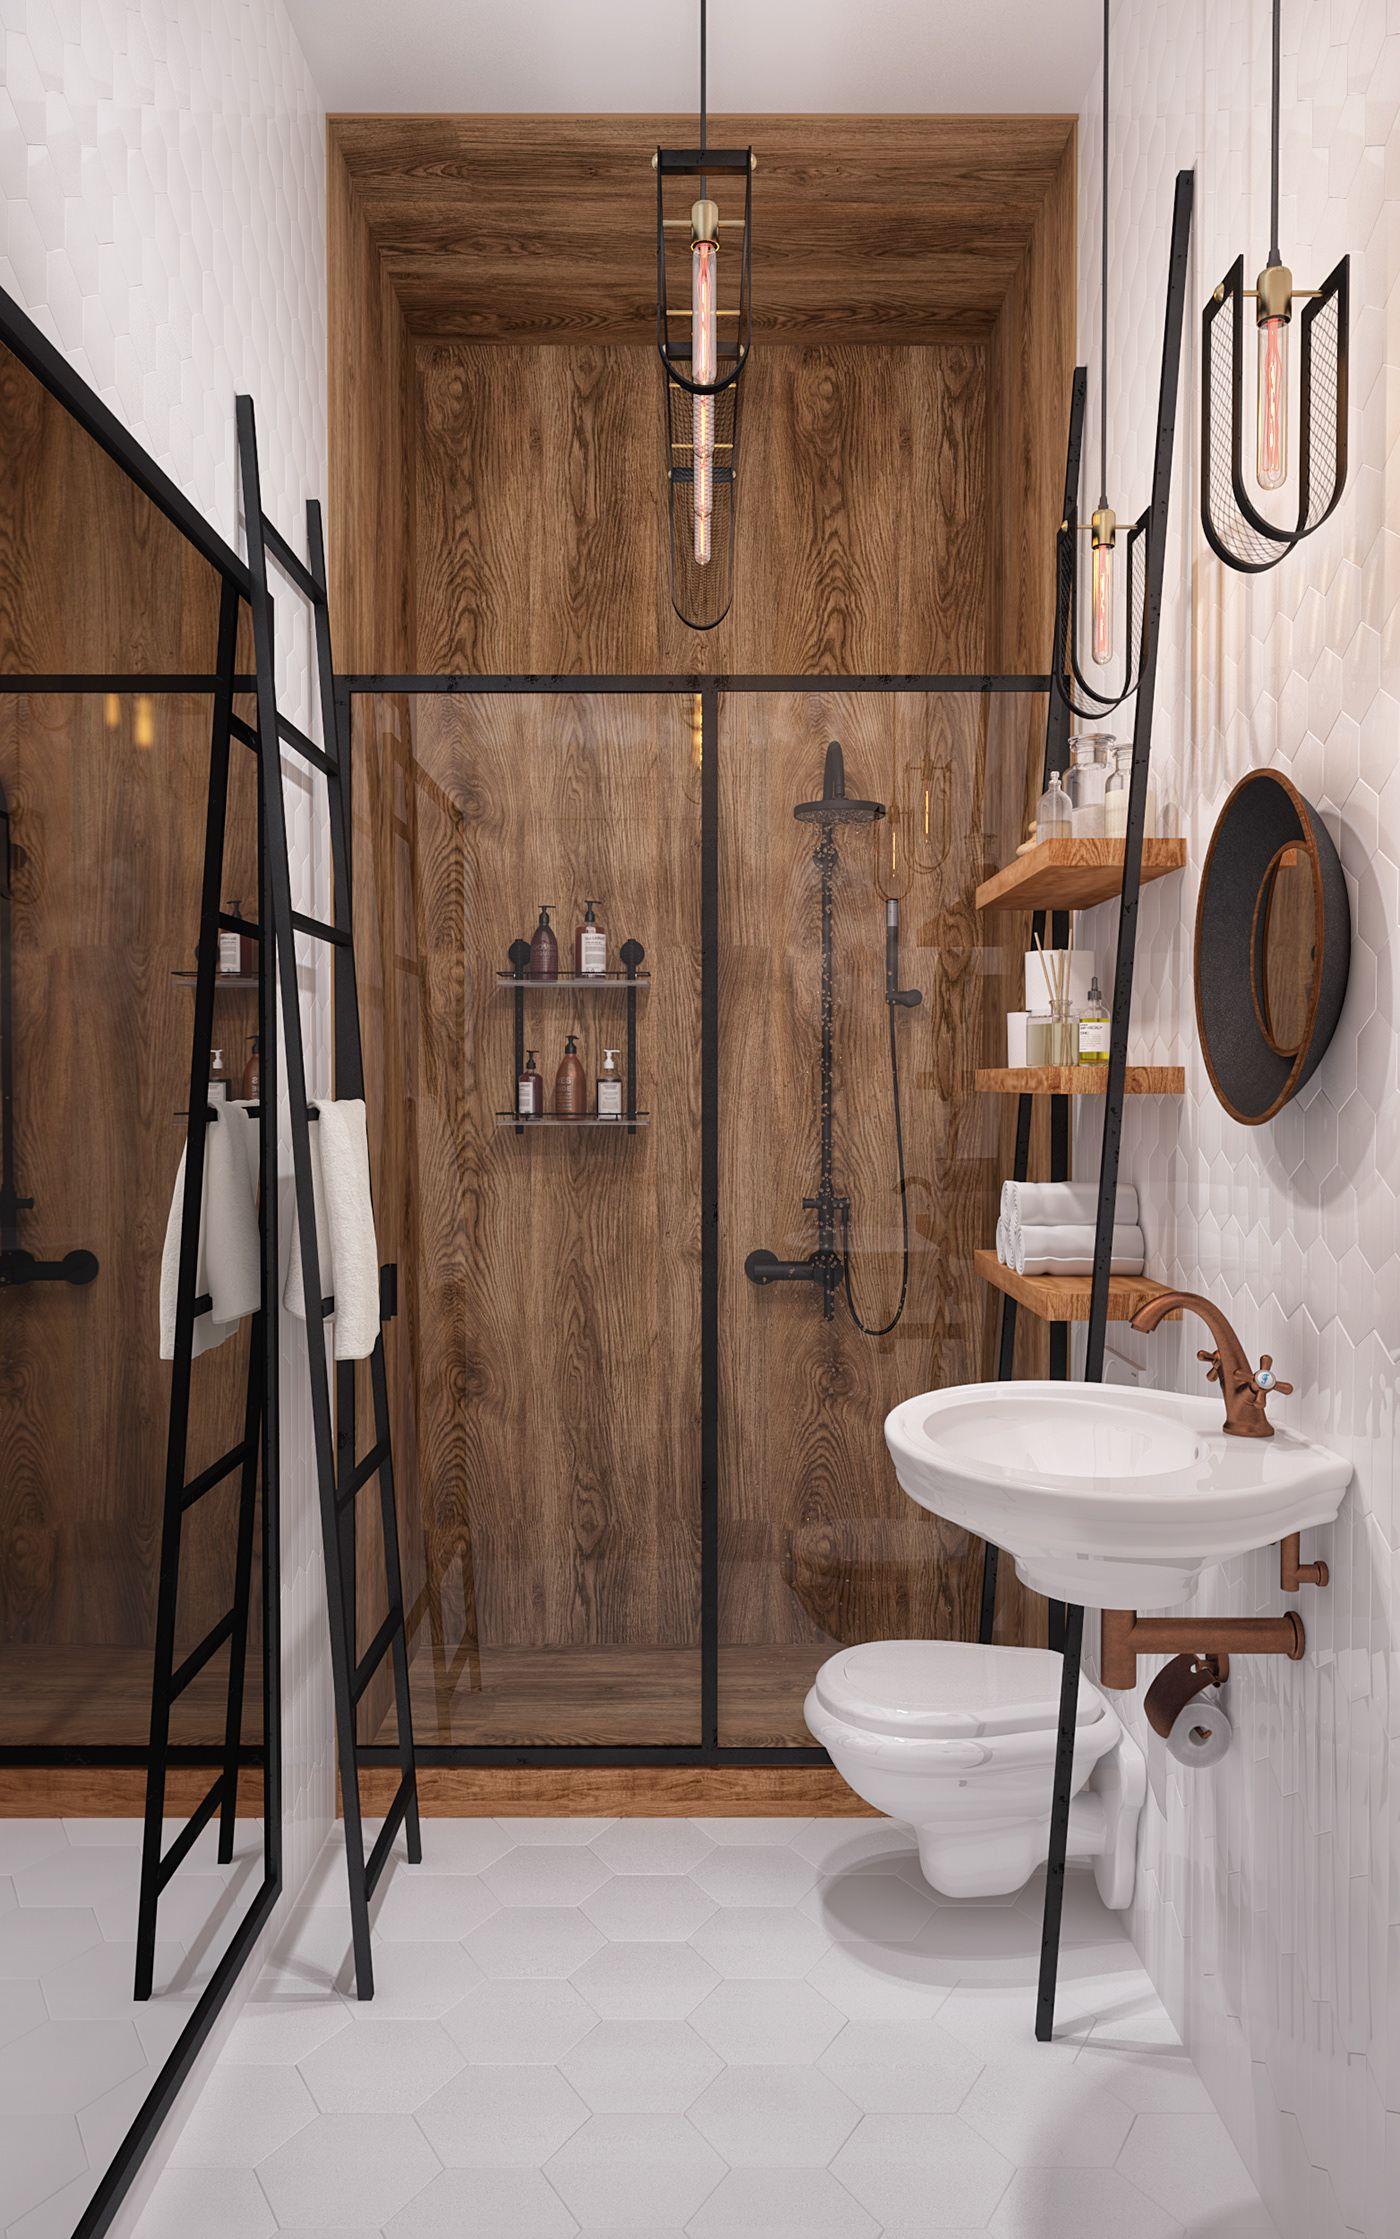 浴室設計 精選48款浴室設計實例照片分享 衛浴乾溼分離設計推薦